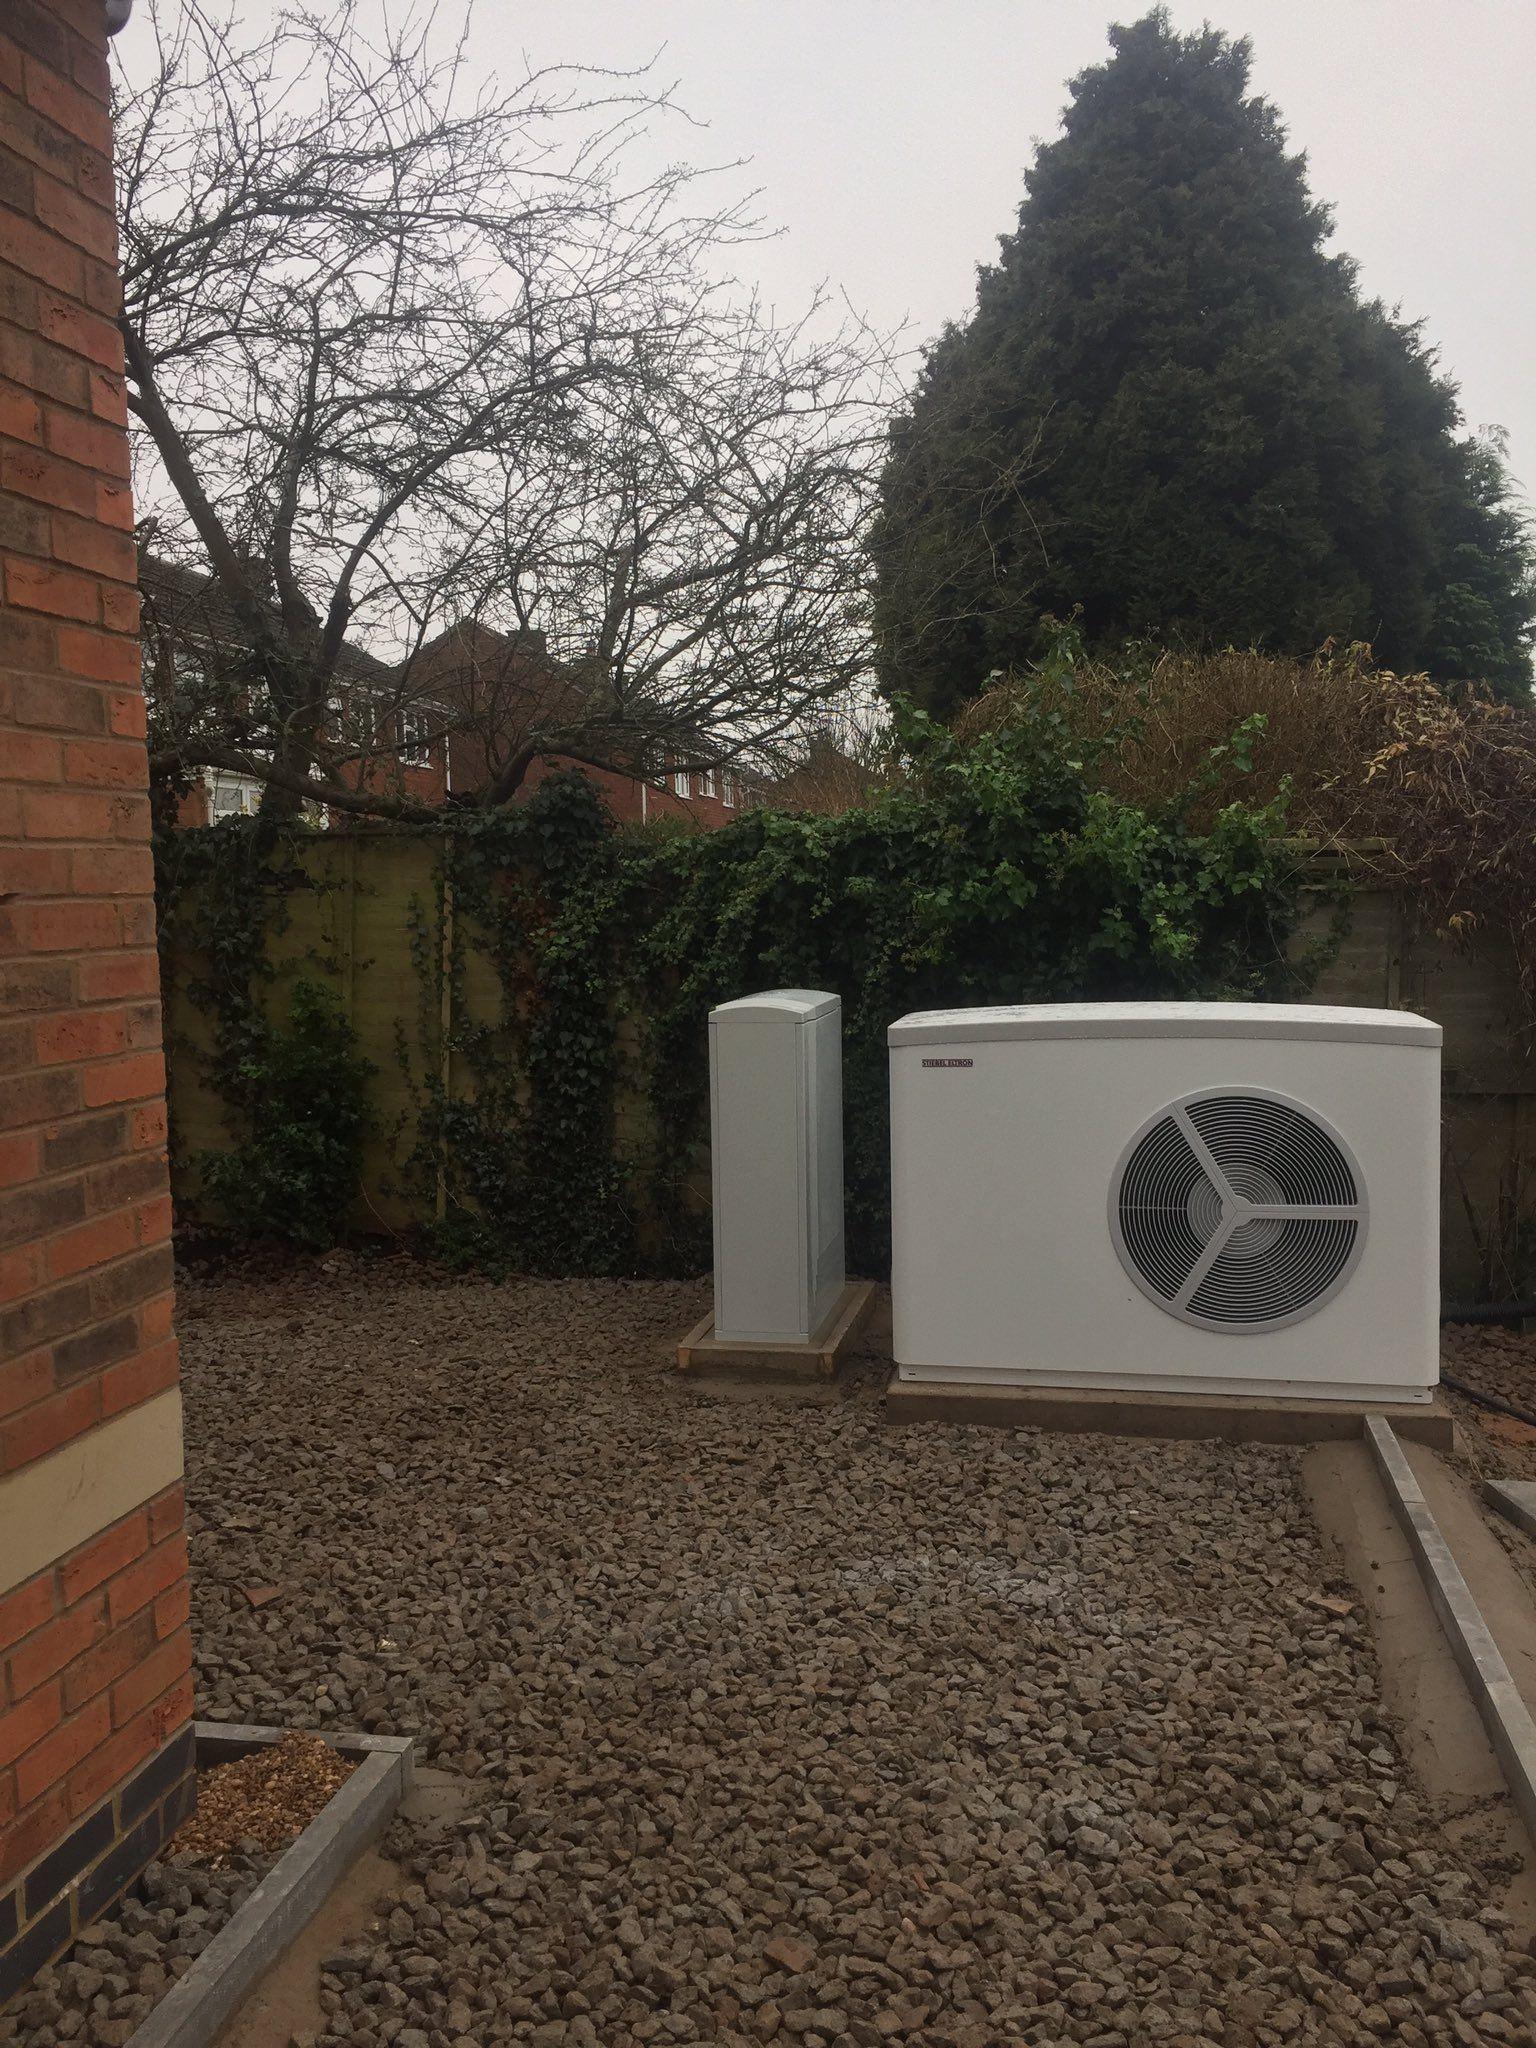 Stratford Energy on Heat pump installation, Heat pump